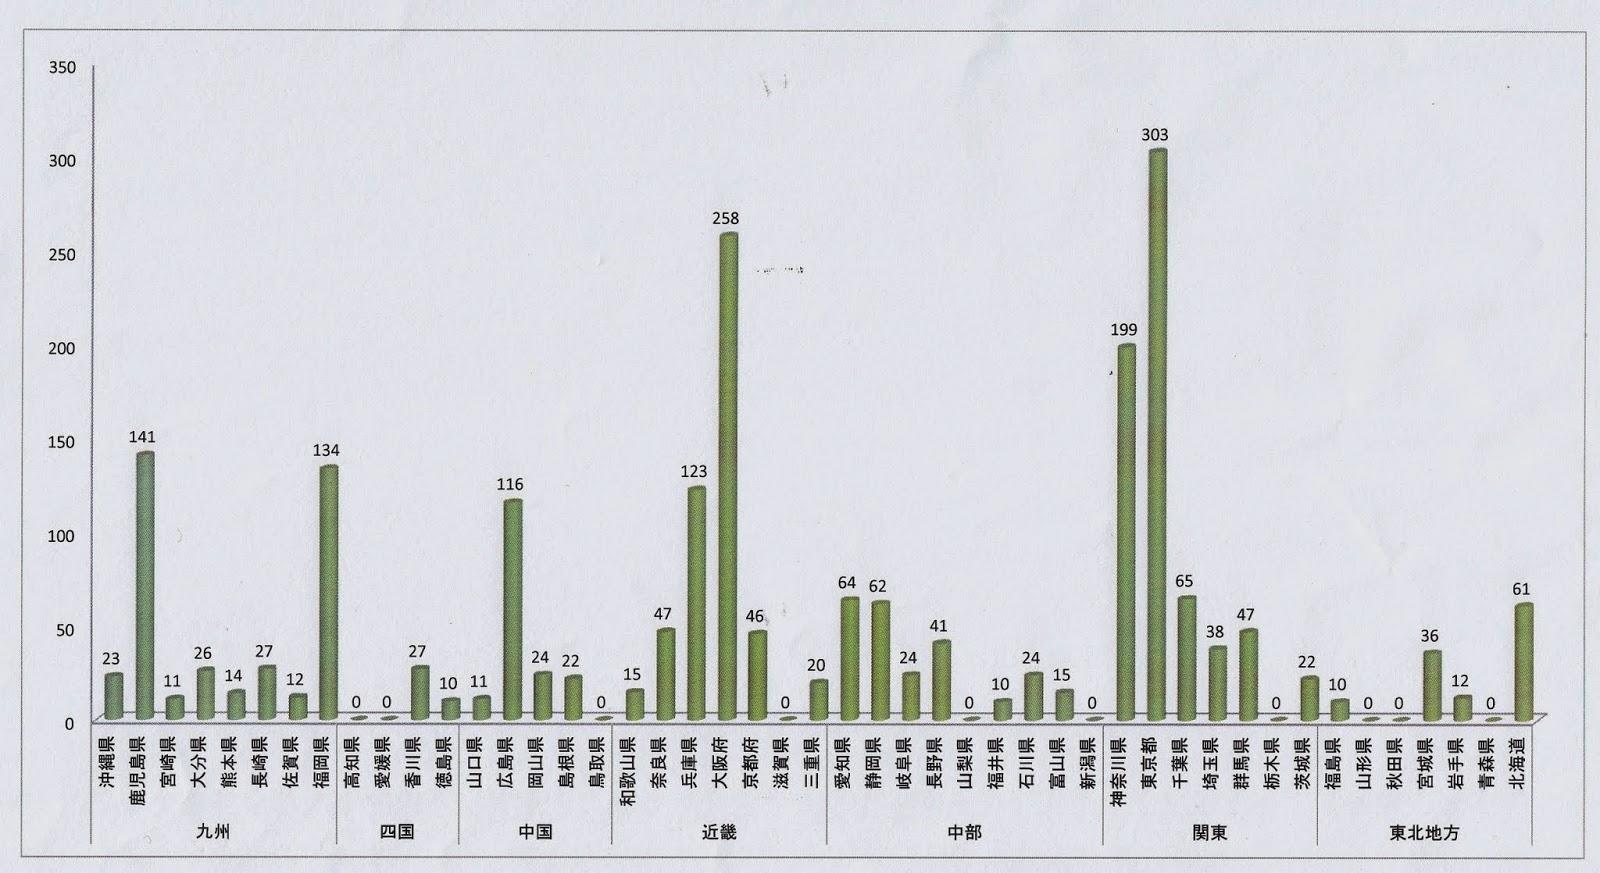 水頭症 LPシャント 手術件数